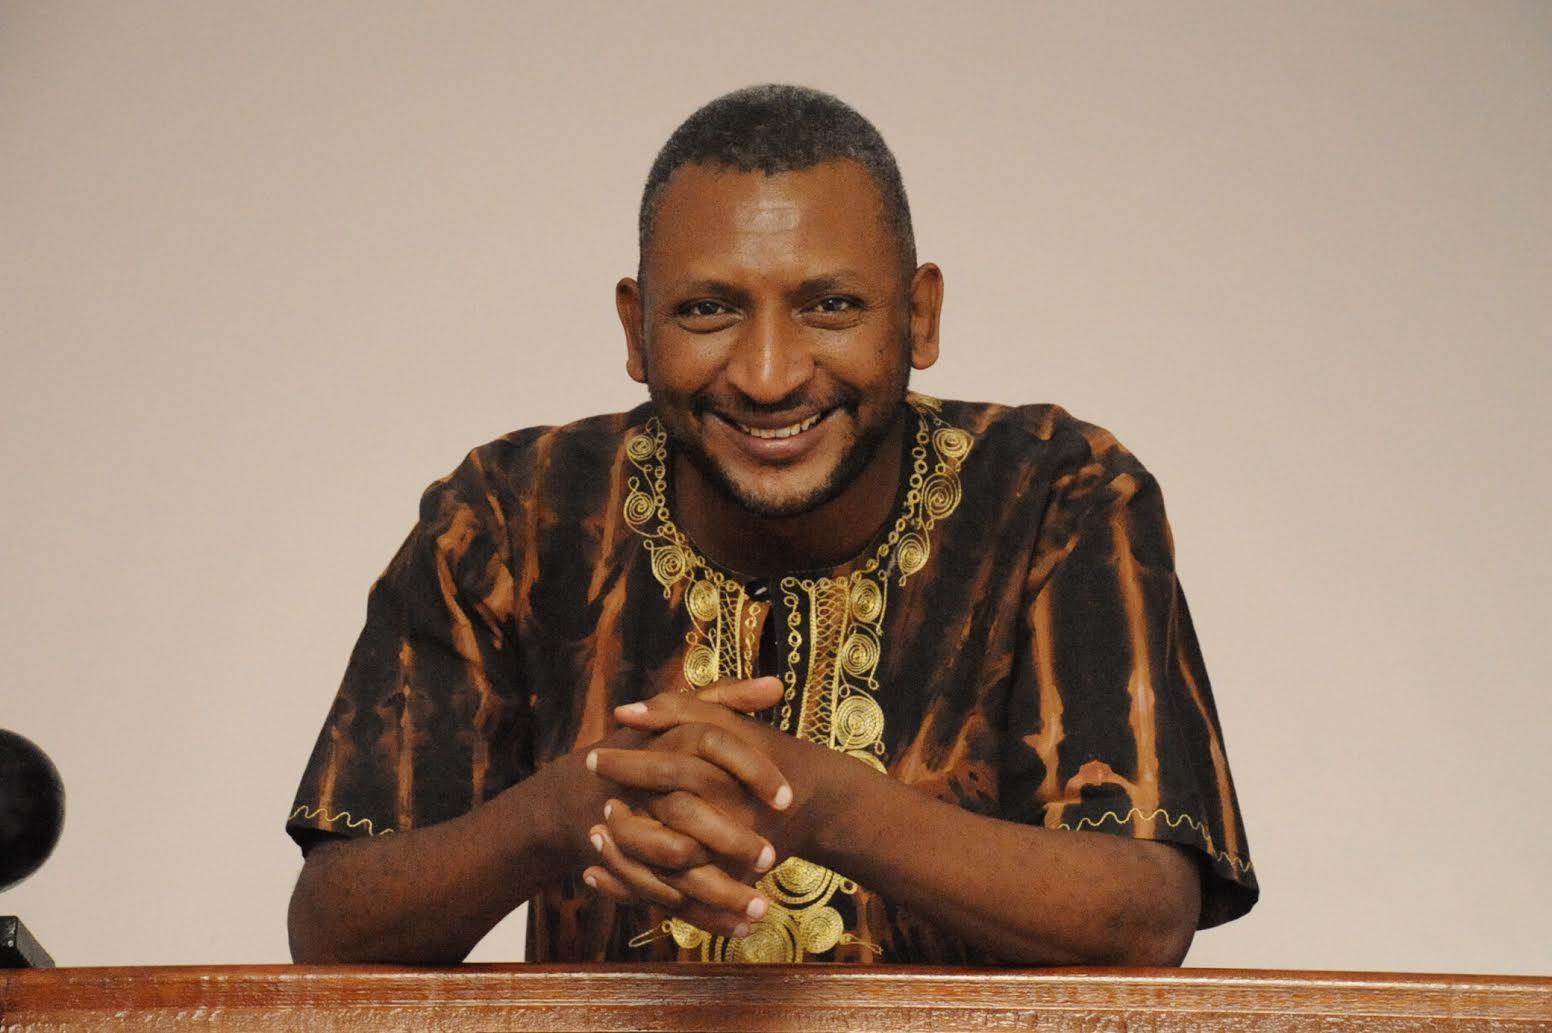 Author photo: Yusuf    Wachira